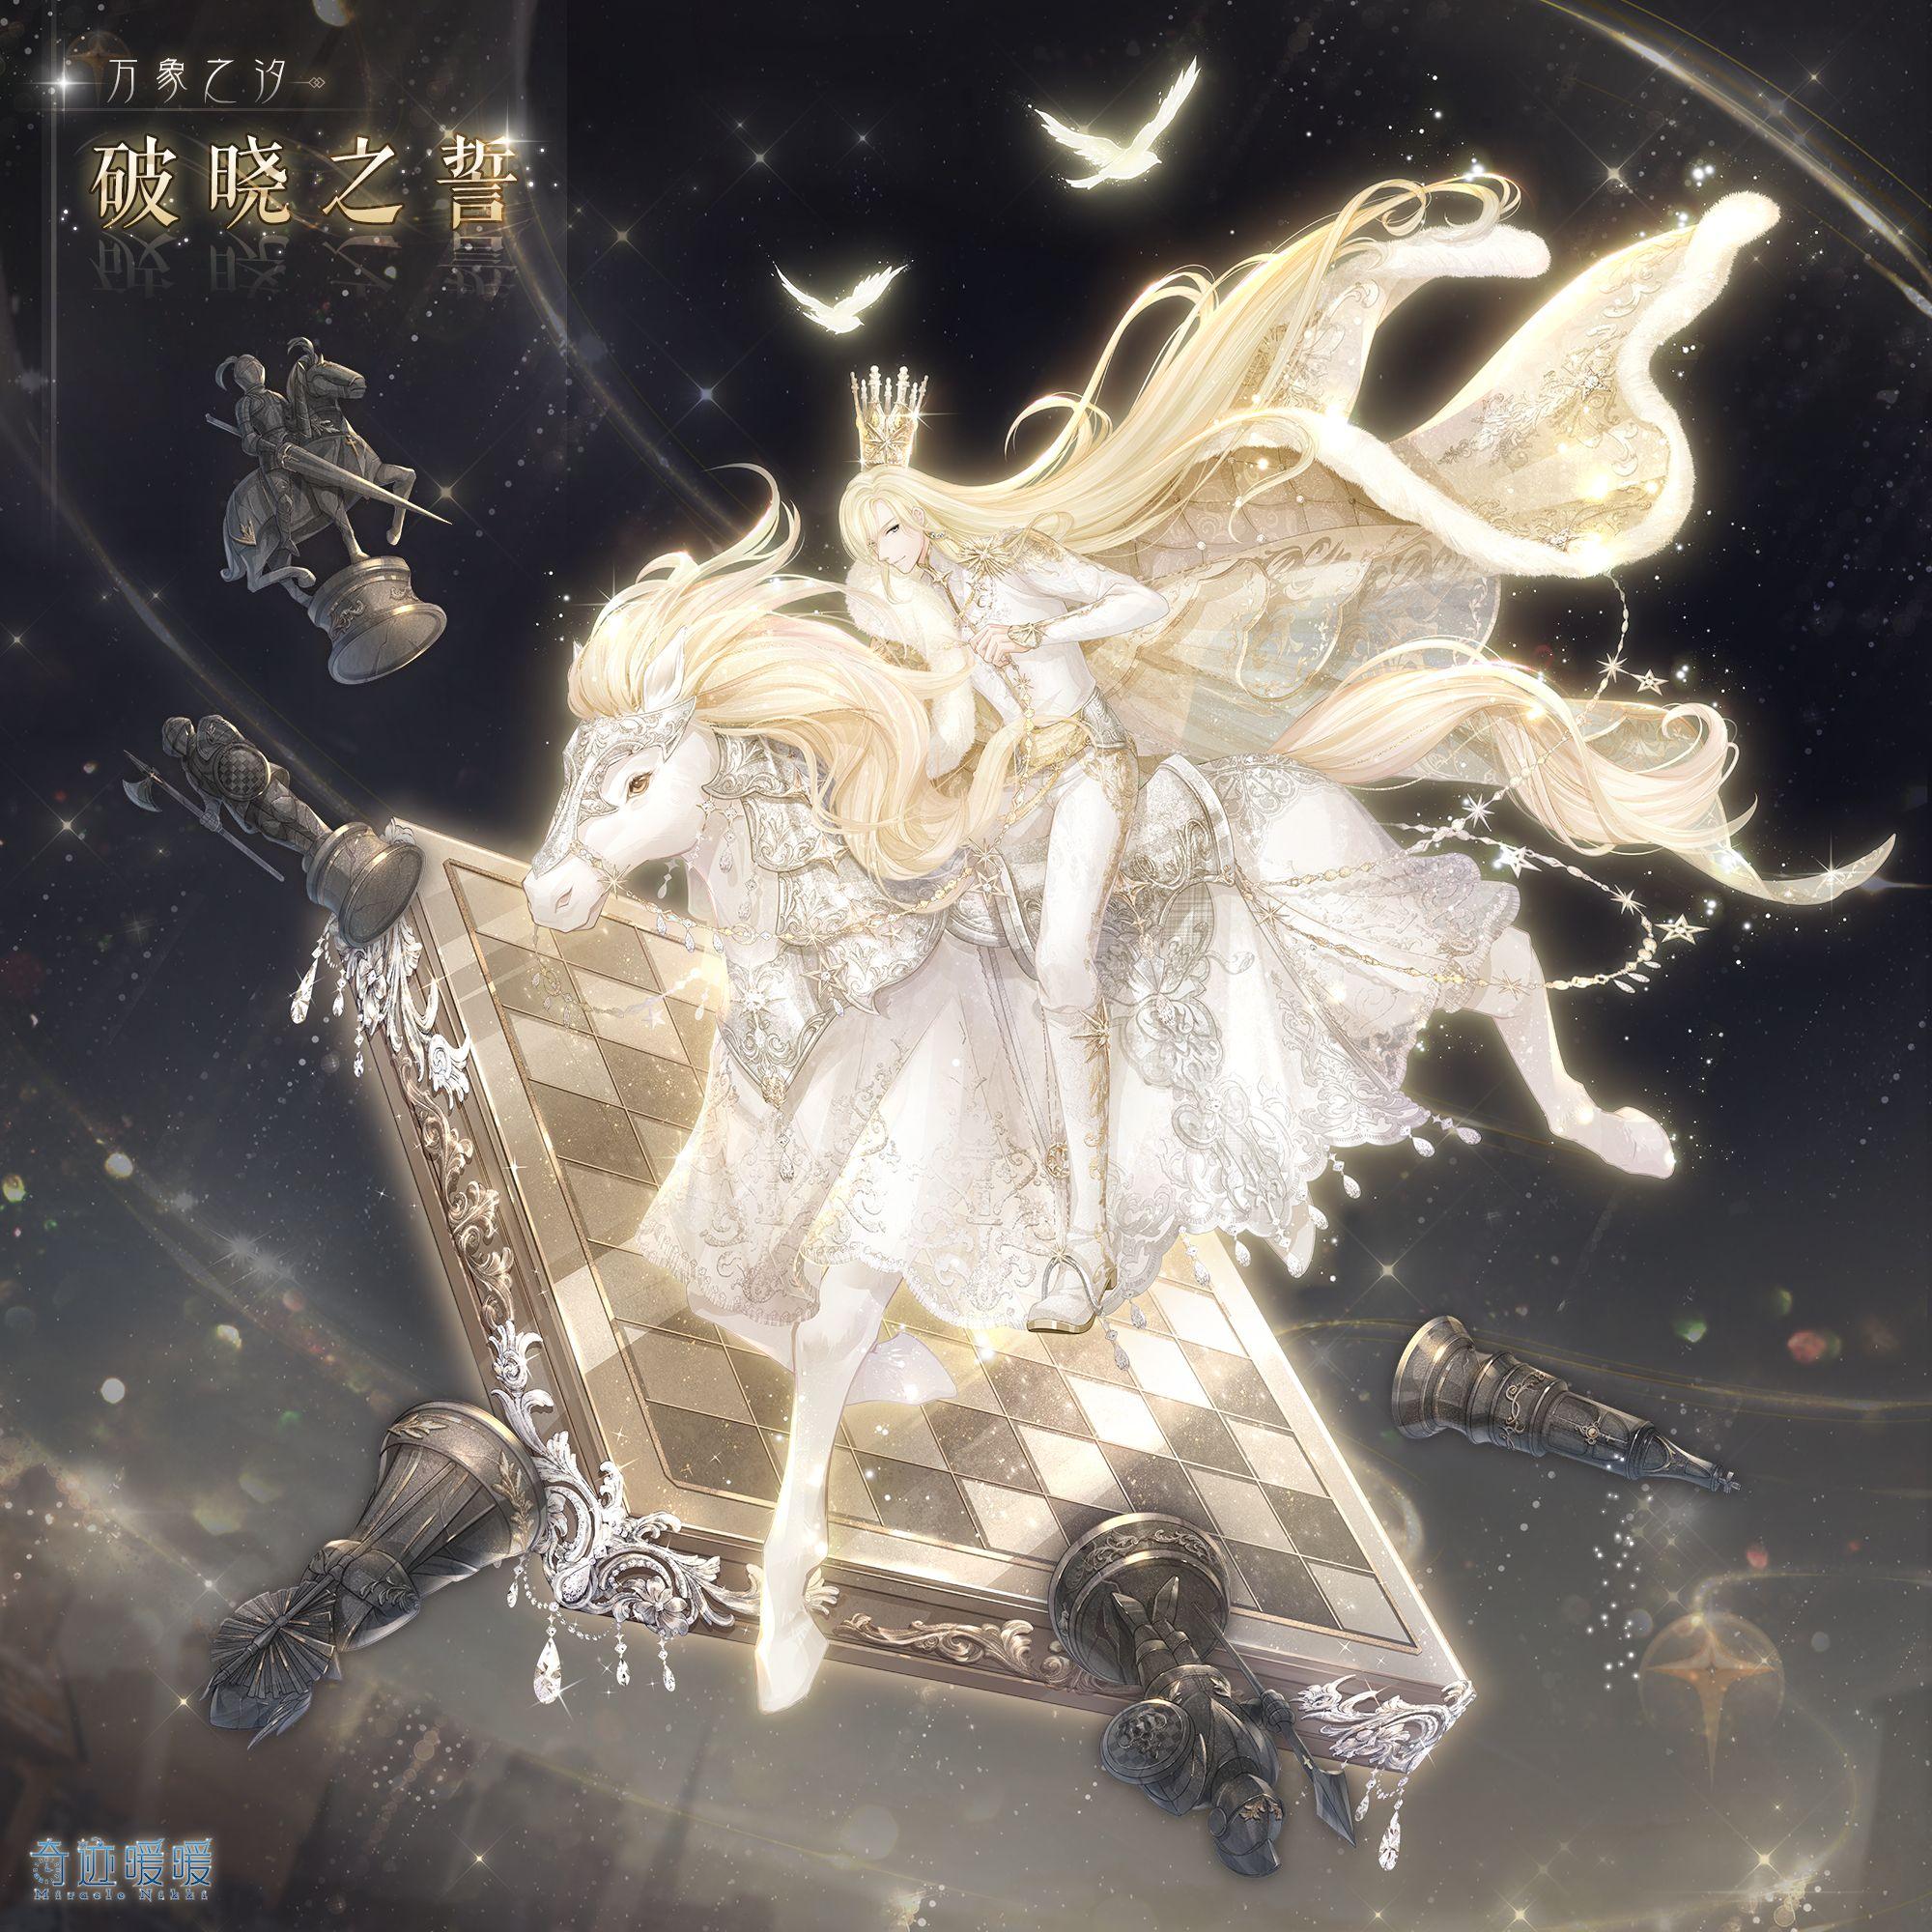 Ghim của Dương Lệ trên Anime Anime, Ngôi sao, Nghệ thuật